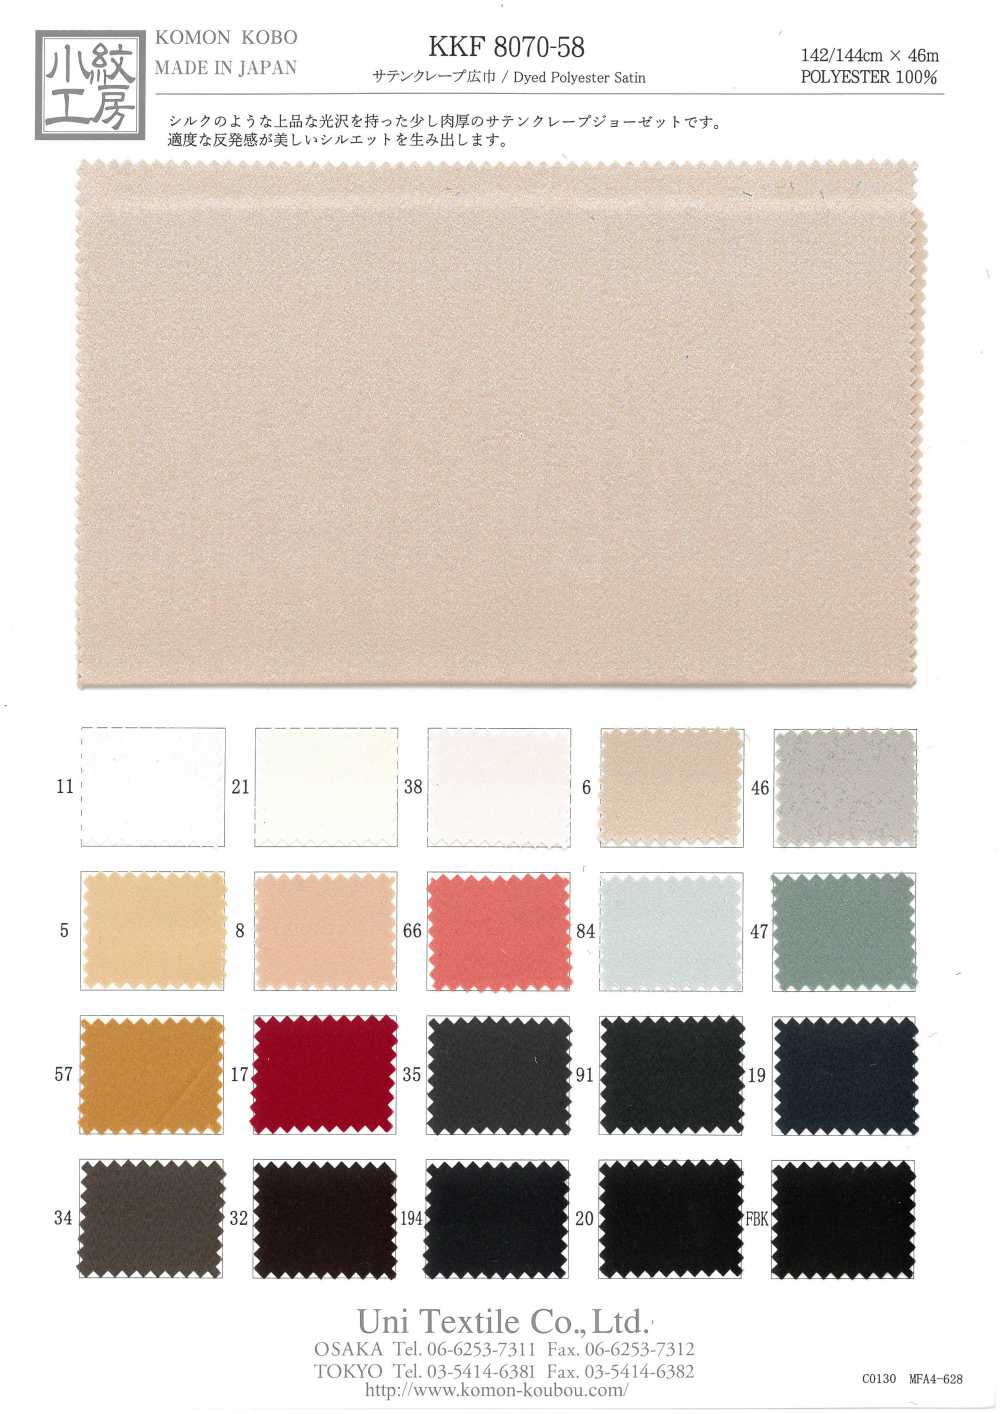 KKF8070-58 サテンクレープ広巾[生地] 宇仁繊維